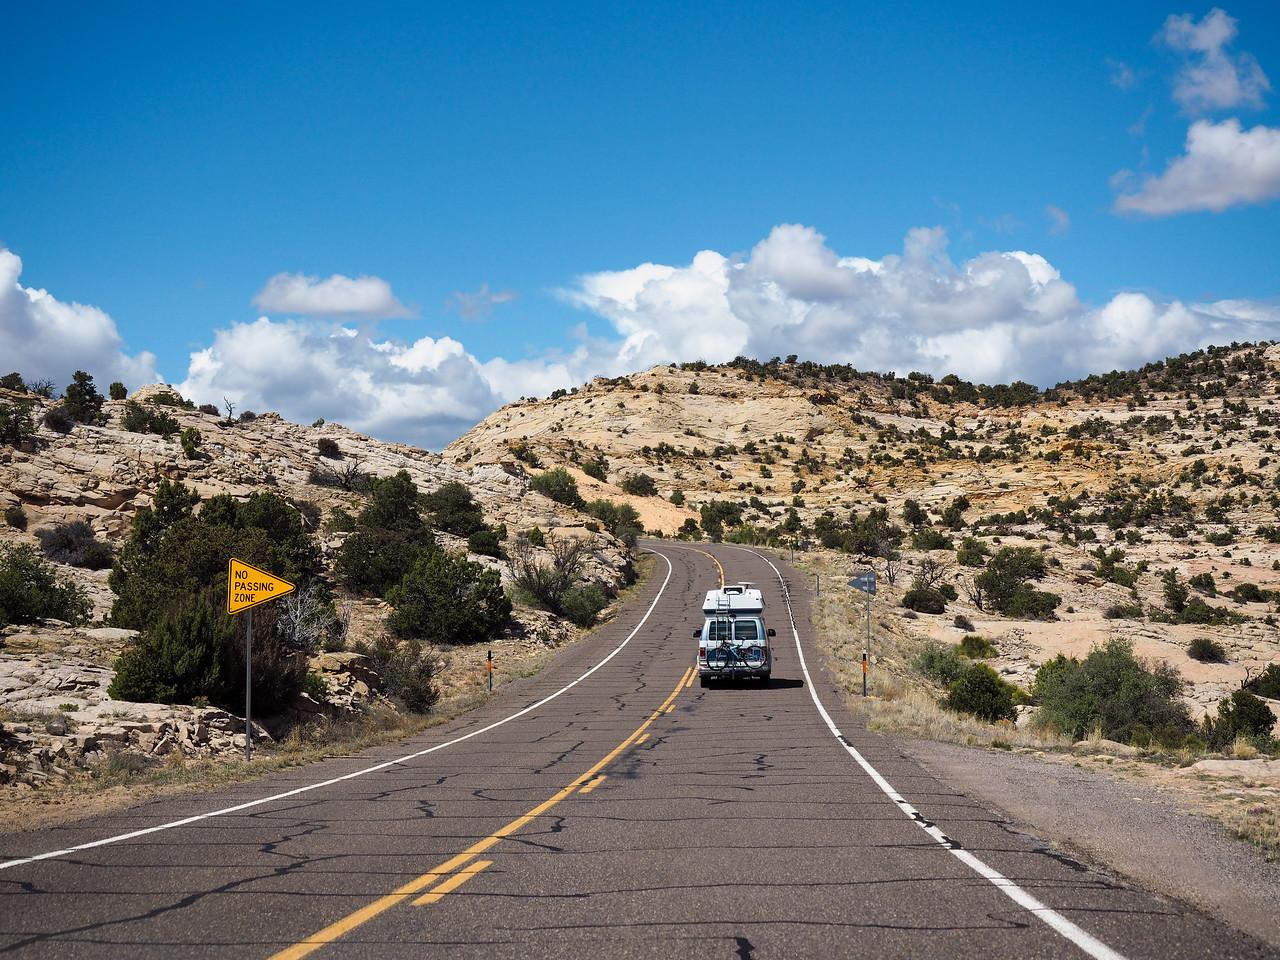 Campervan on a road in Utah